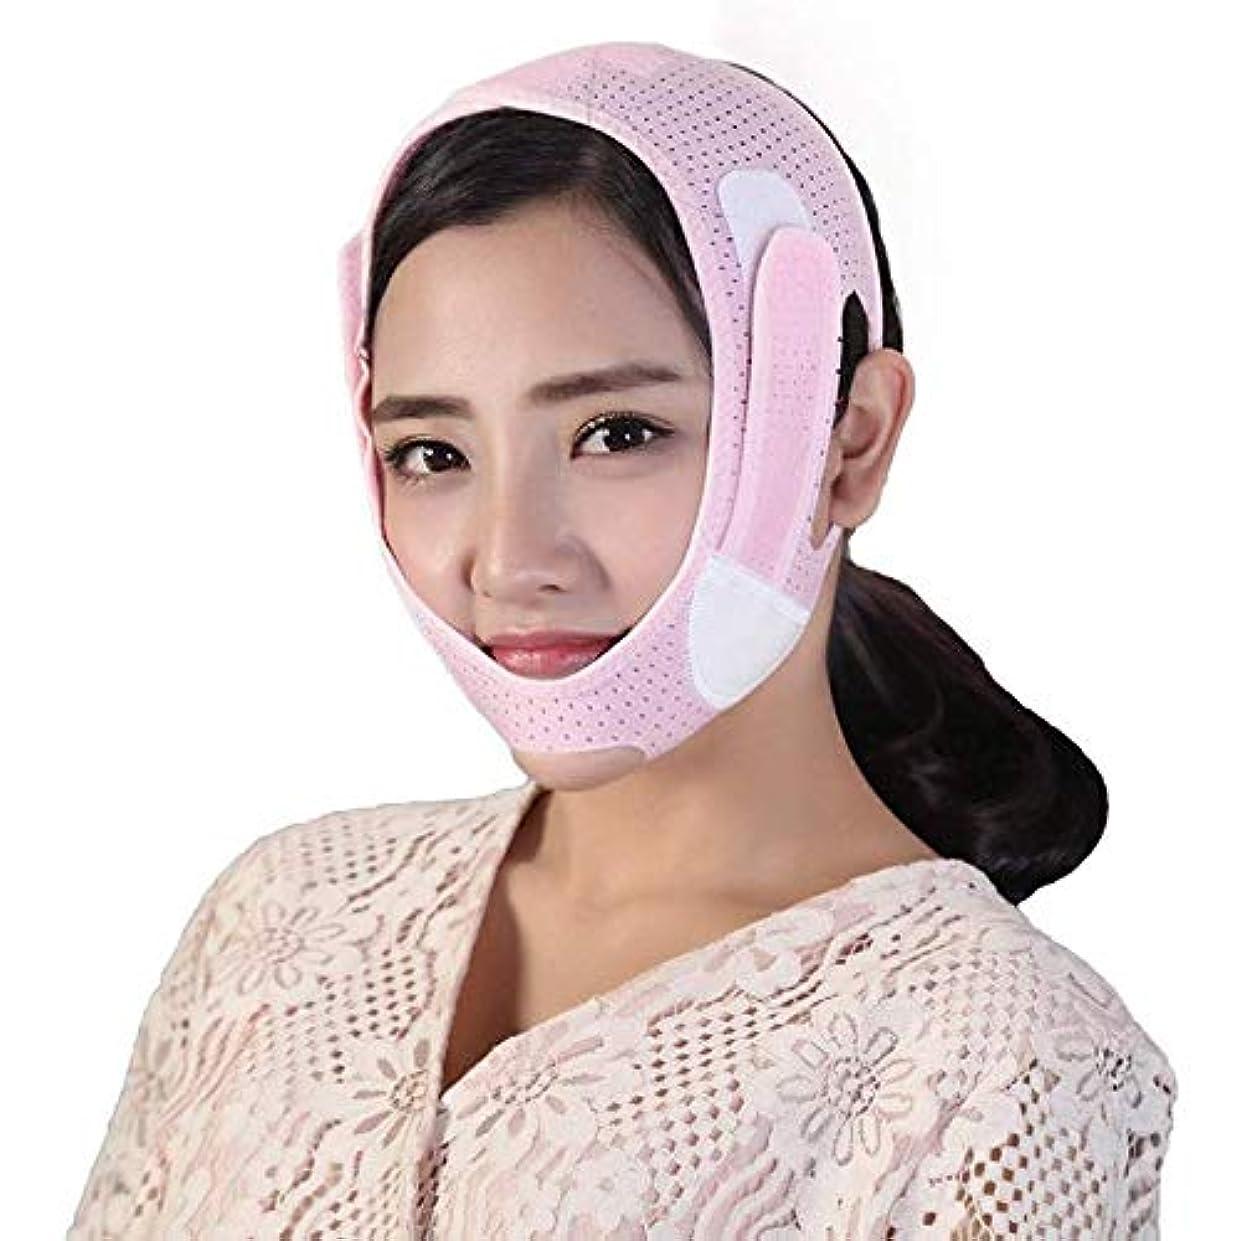 八百屋暴力的な成果WSJTT スリミングベルトリフティングフェイスは、顔の頬のV形状が薄いマスクストラップフェイスラインを持ち上げ通気性の圧縮二重あごが包帯フェイシャル?シェーピングベルトひげ減量マスクを削減スムーズ